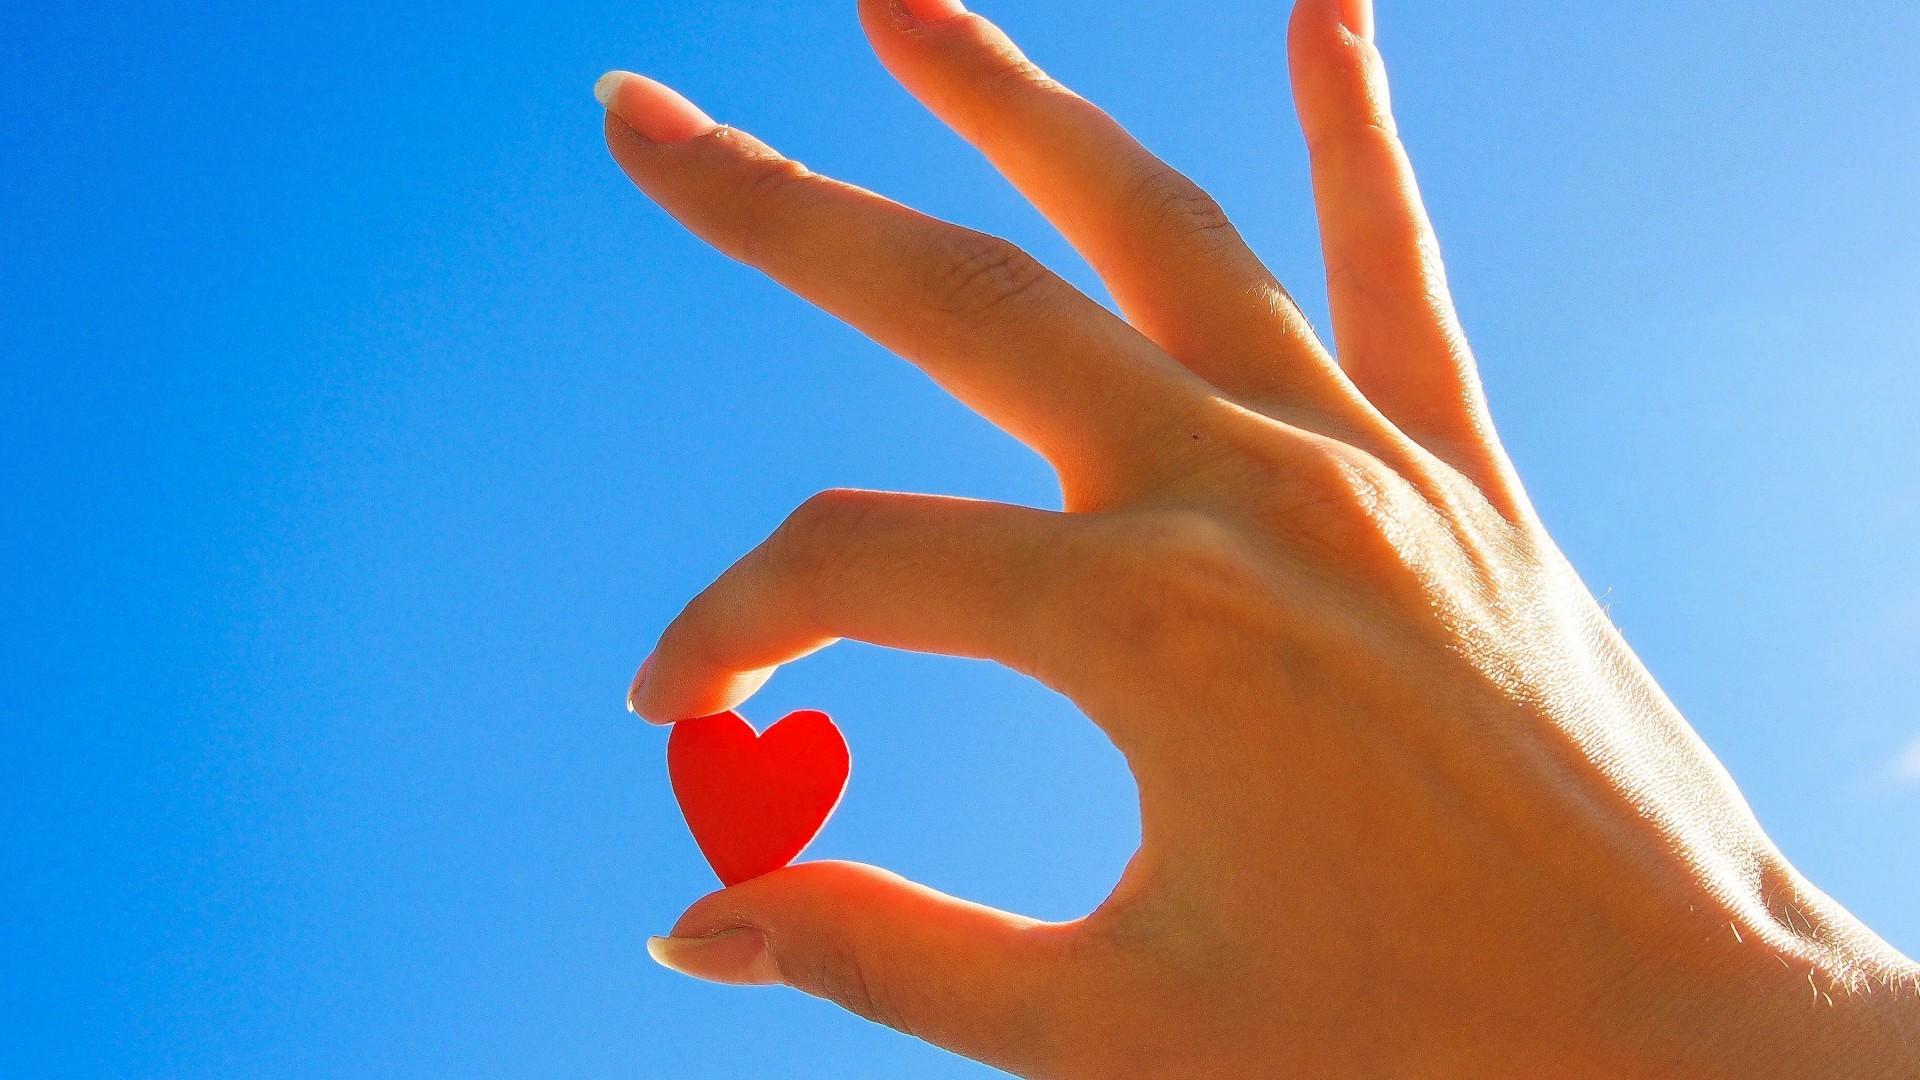 способ картинки сердца руками и пальцами изменить размер